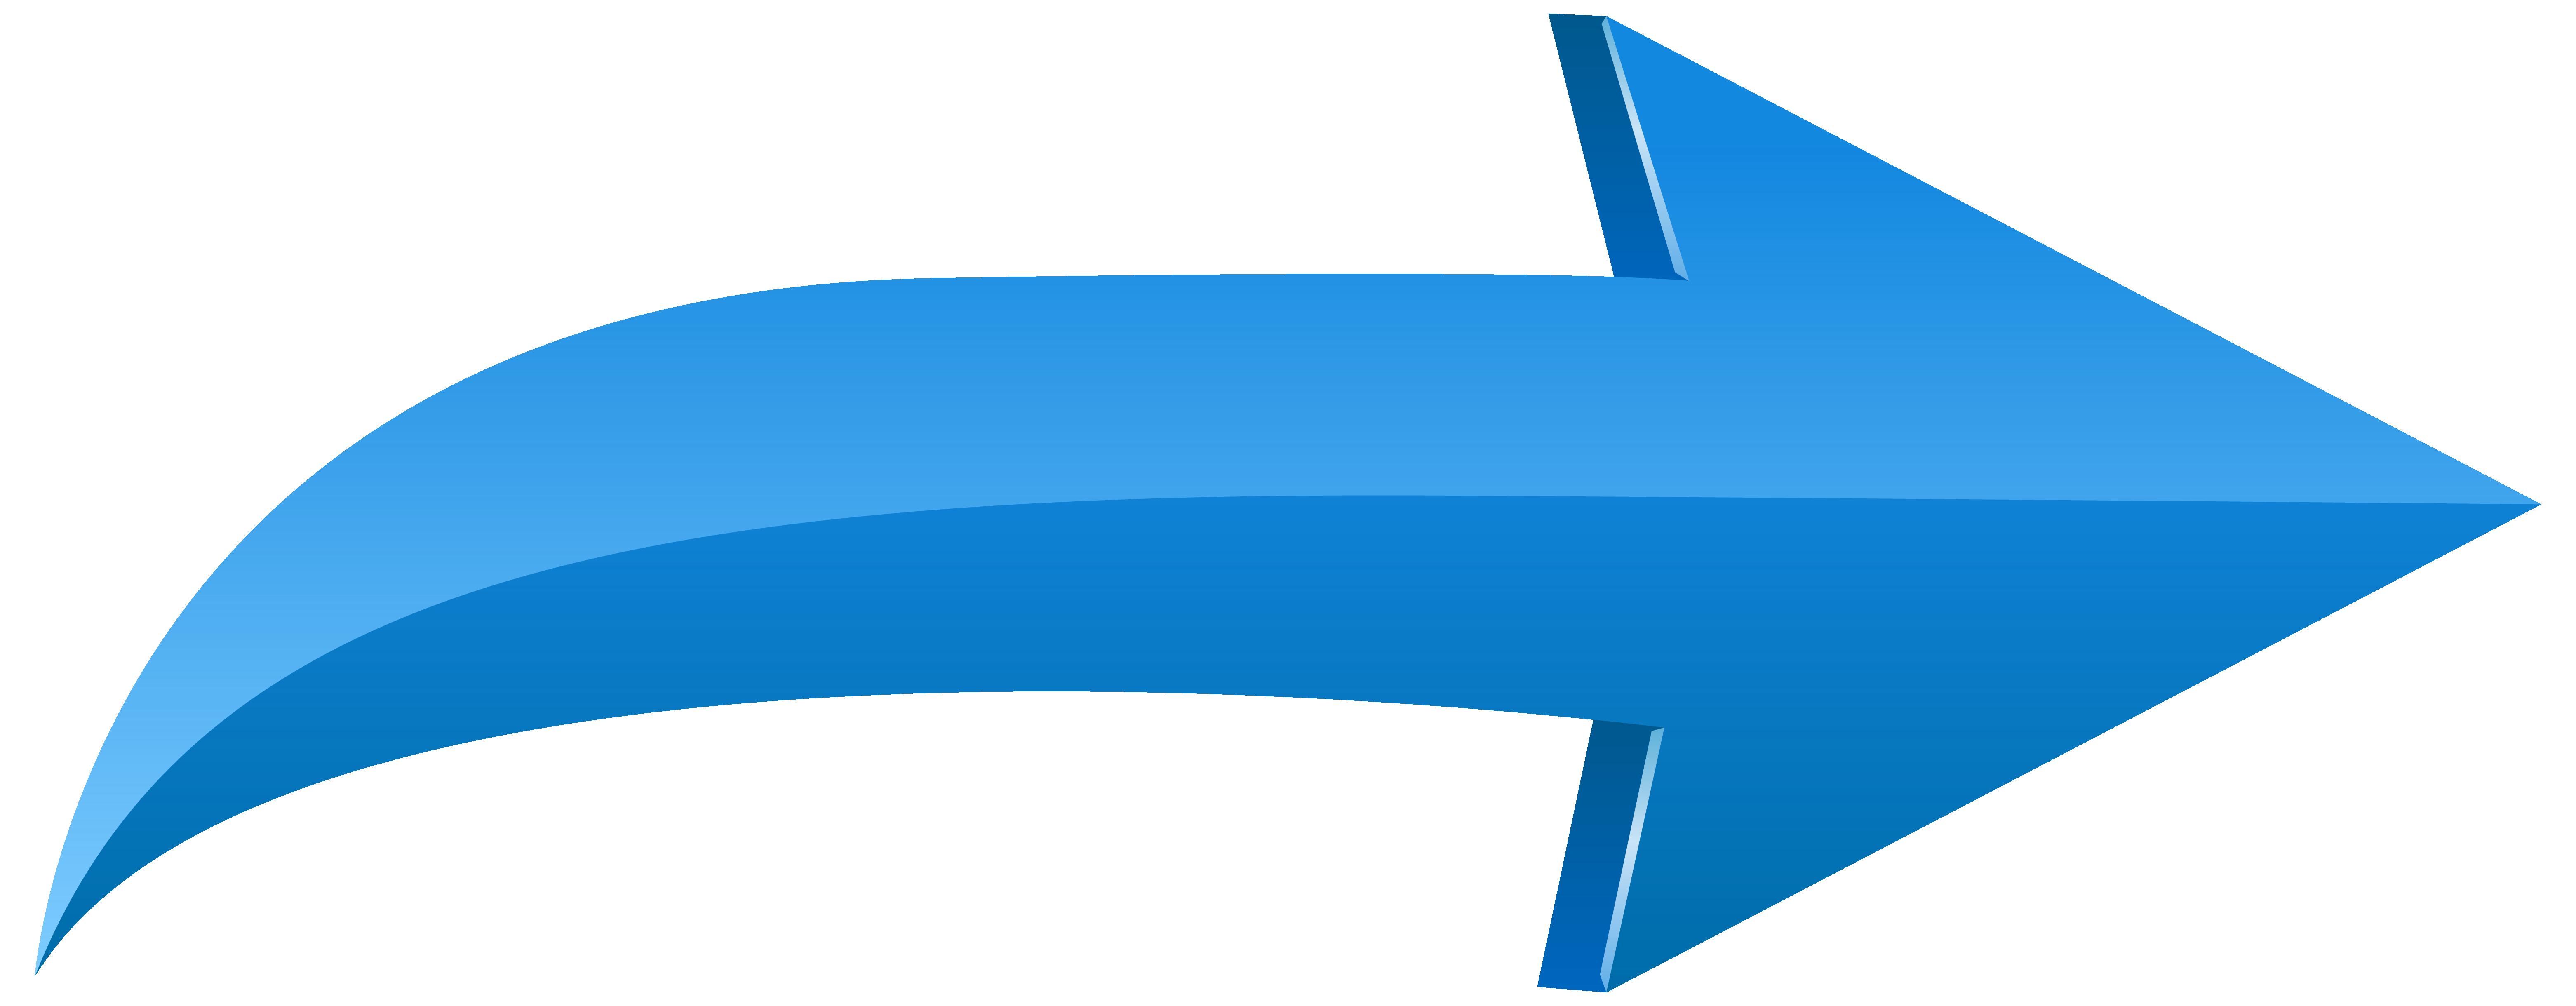 Arrow Left Blue PNG Transparent Clip Art Image.